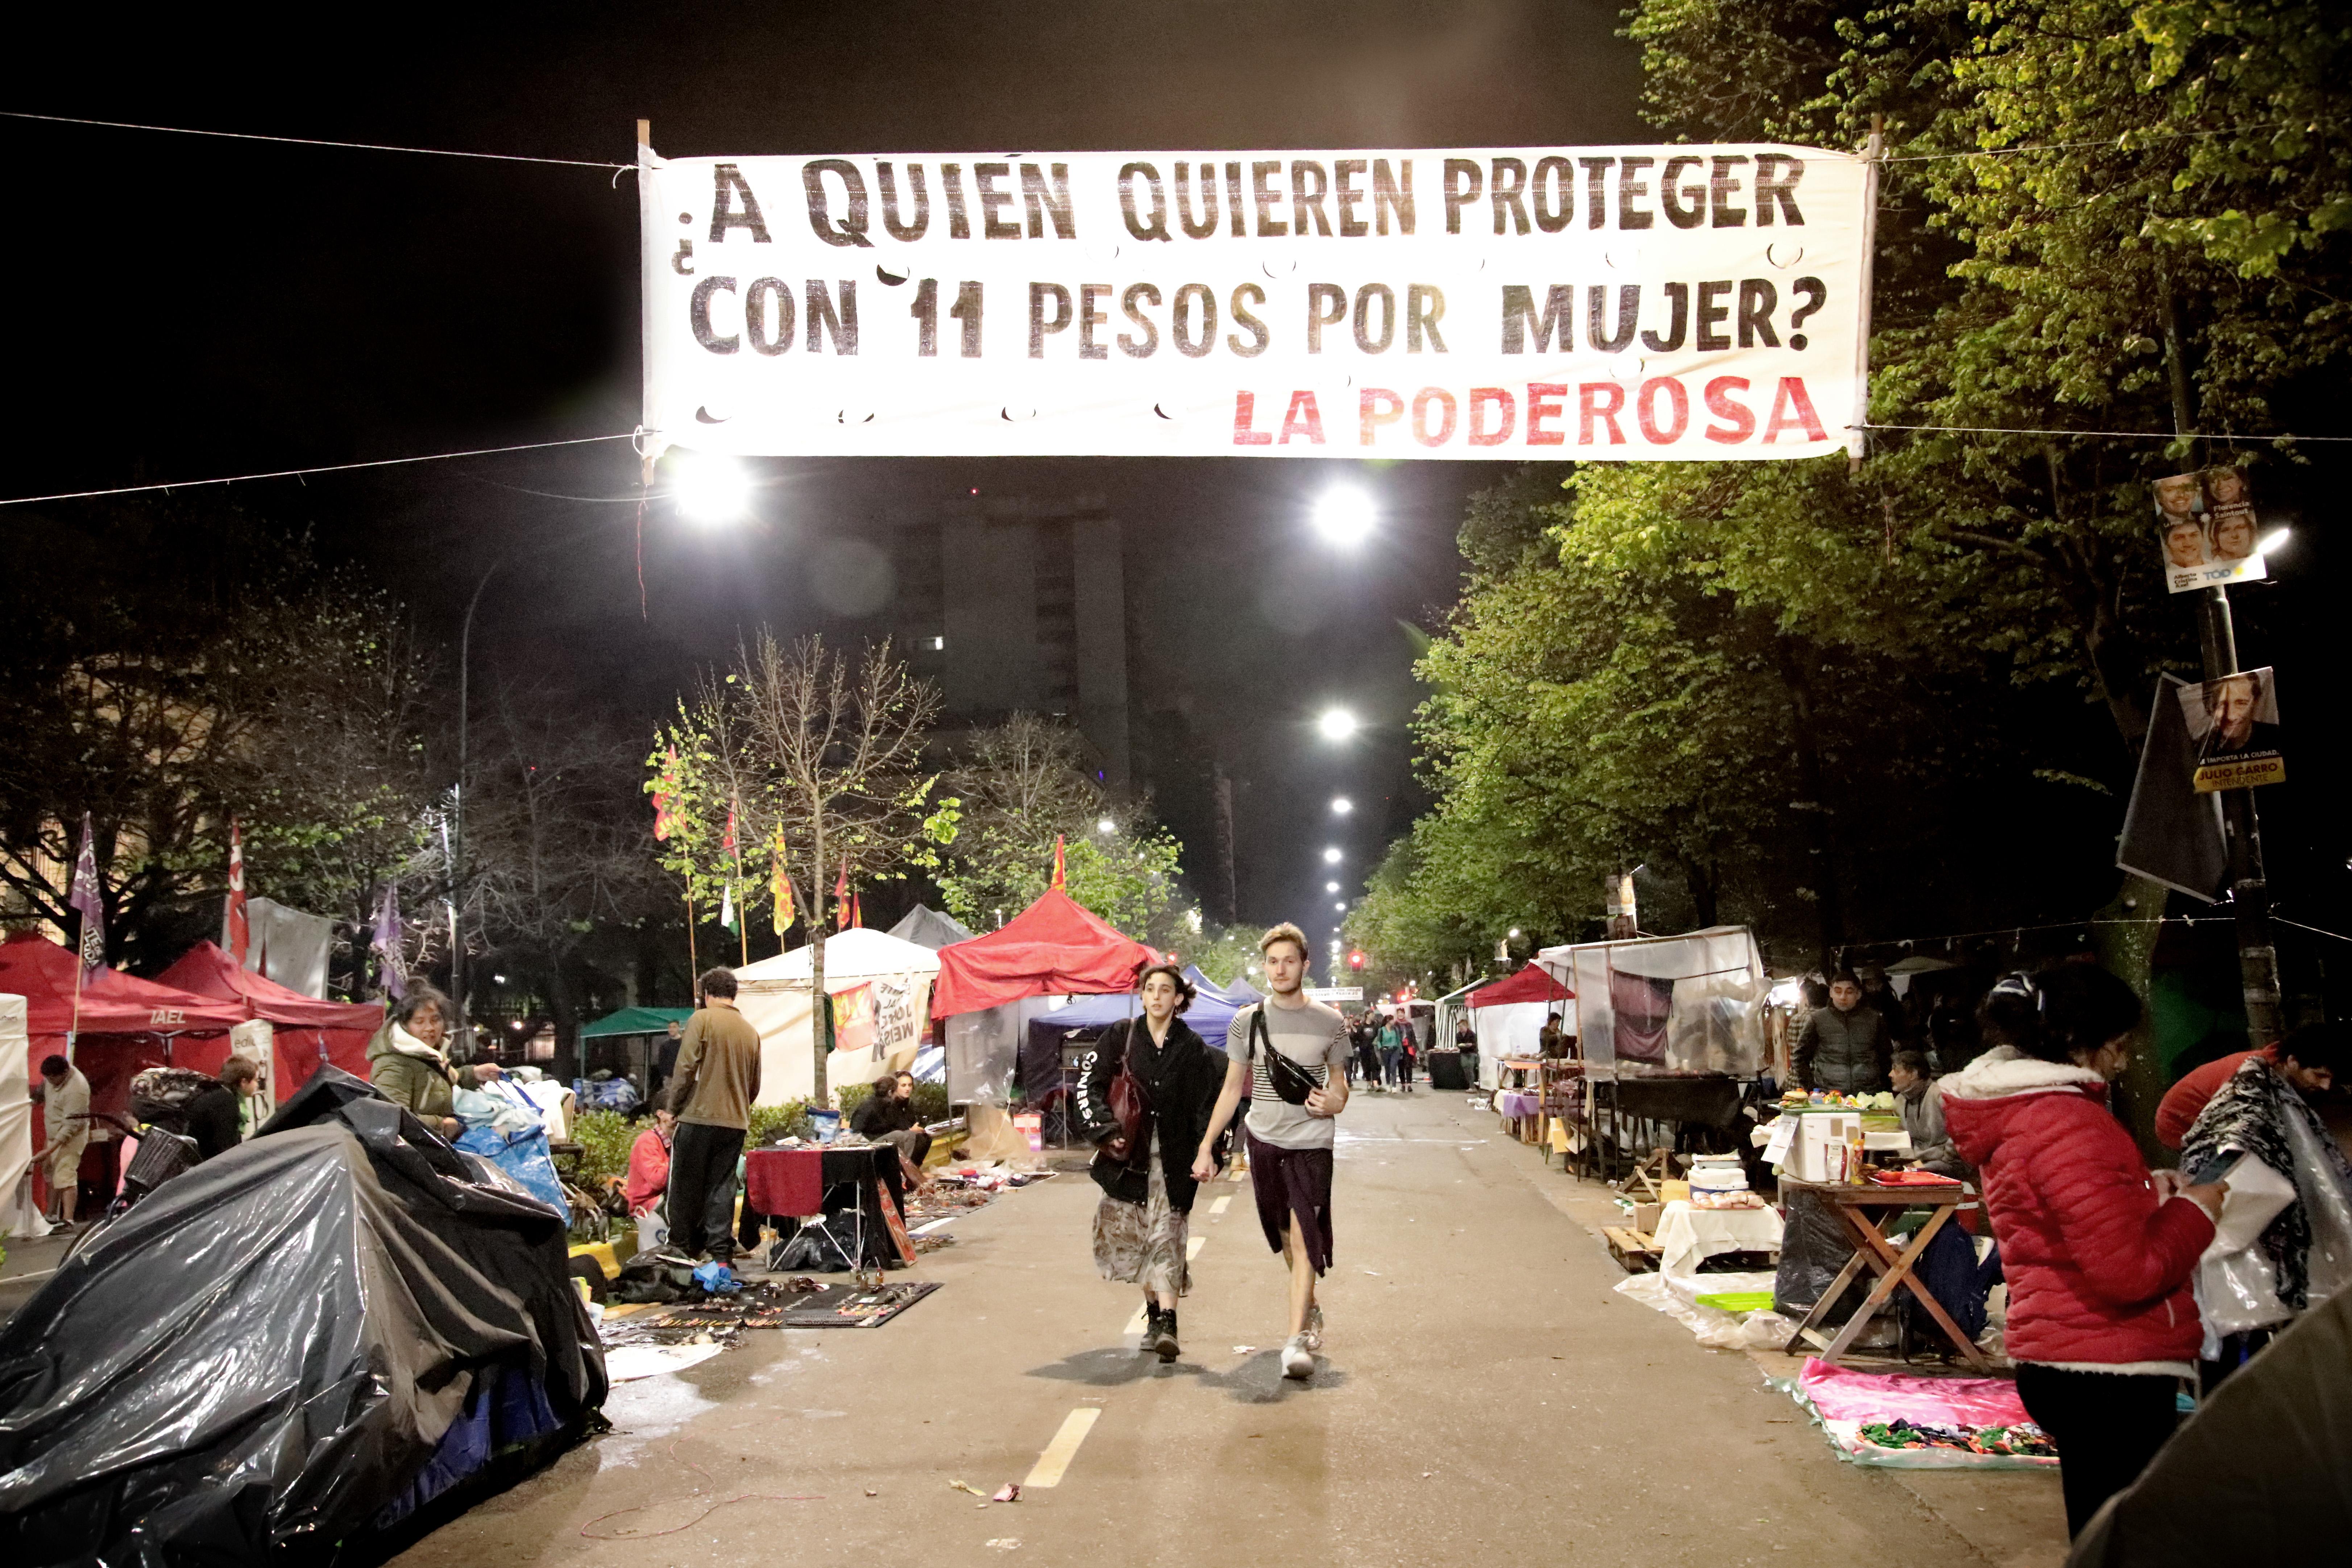 Por plaza San Martín se iban cientos de mujeres de pueblos originarios a sus columnas. Durante estos dos días, vendieron sus artesanías, hablaron en comisiones, e intercambiaron experiencias con otras mujeres